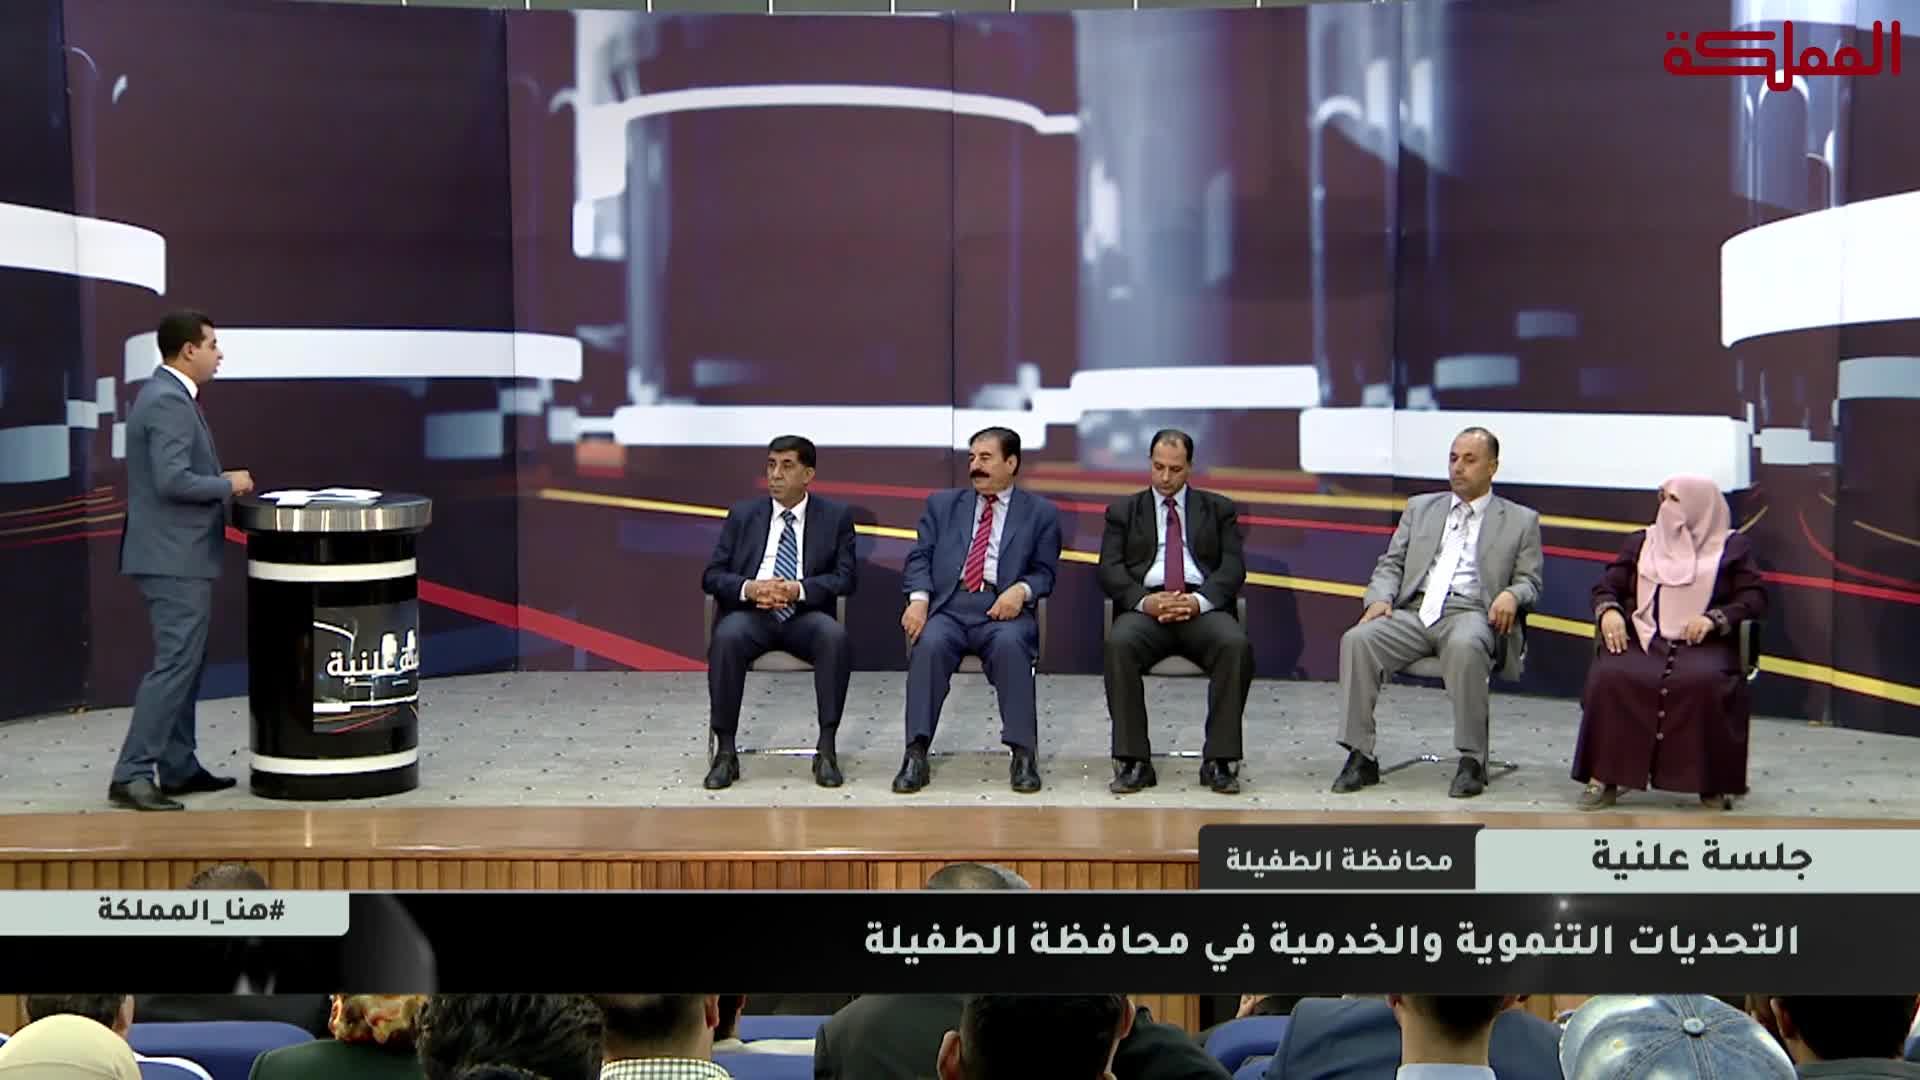 جلسة علنية | محافظة الطفيلة